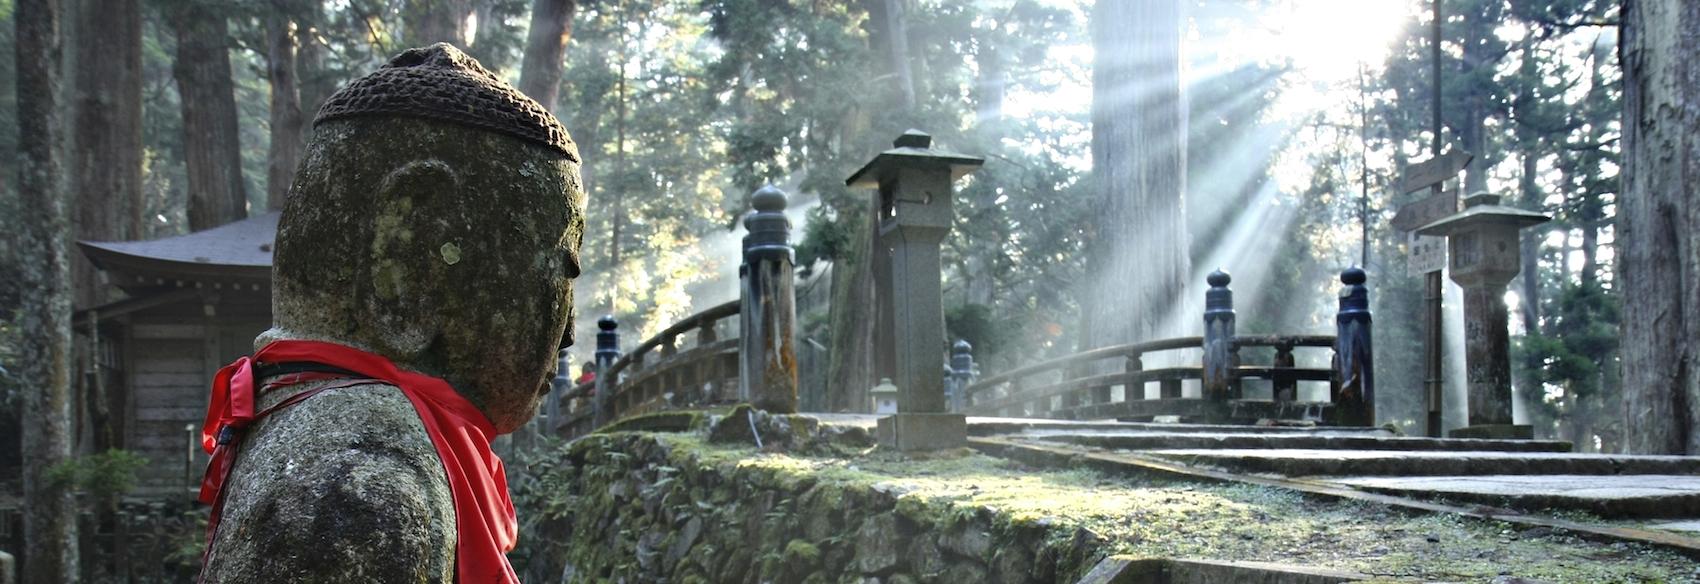 slide-Kumano-site